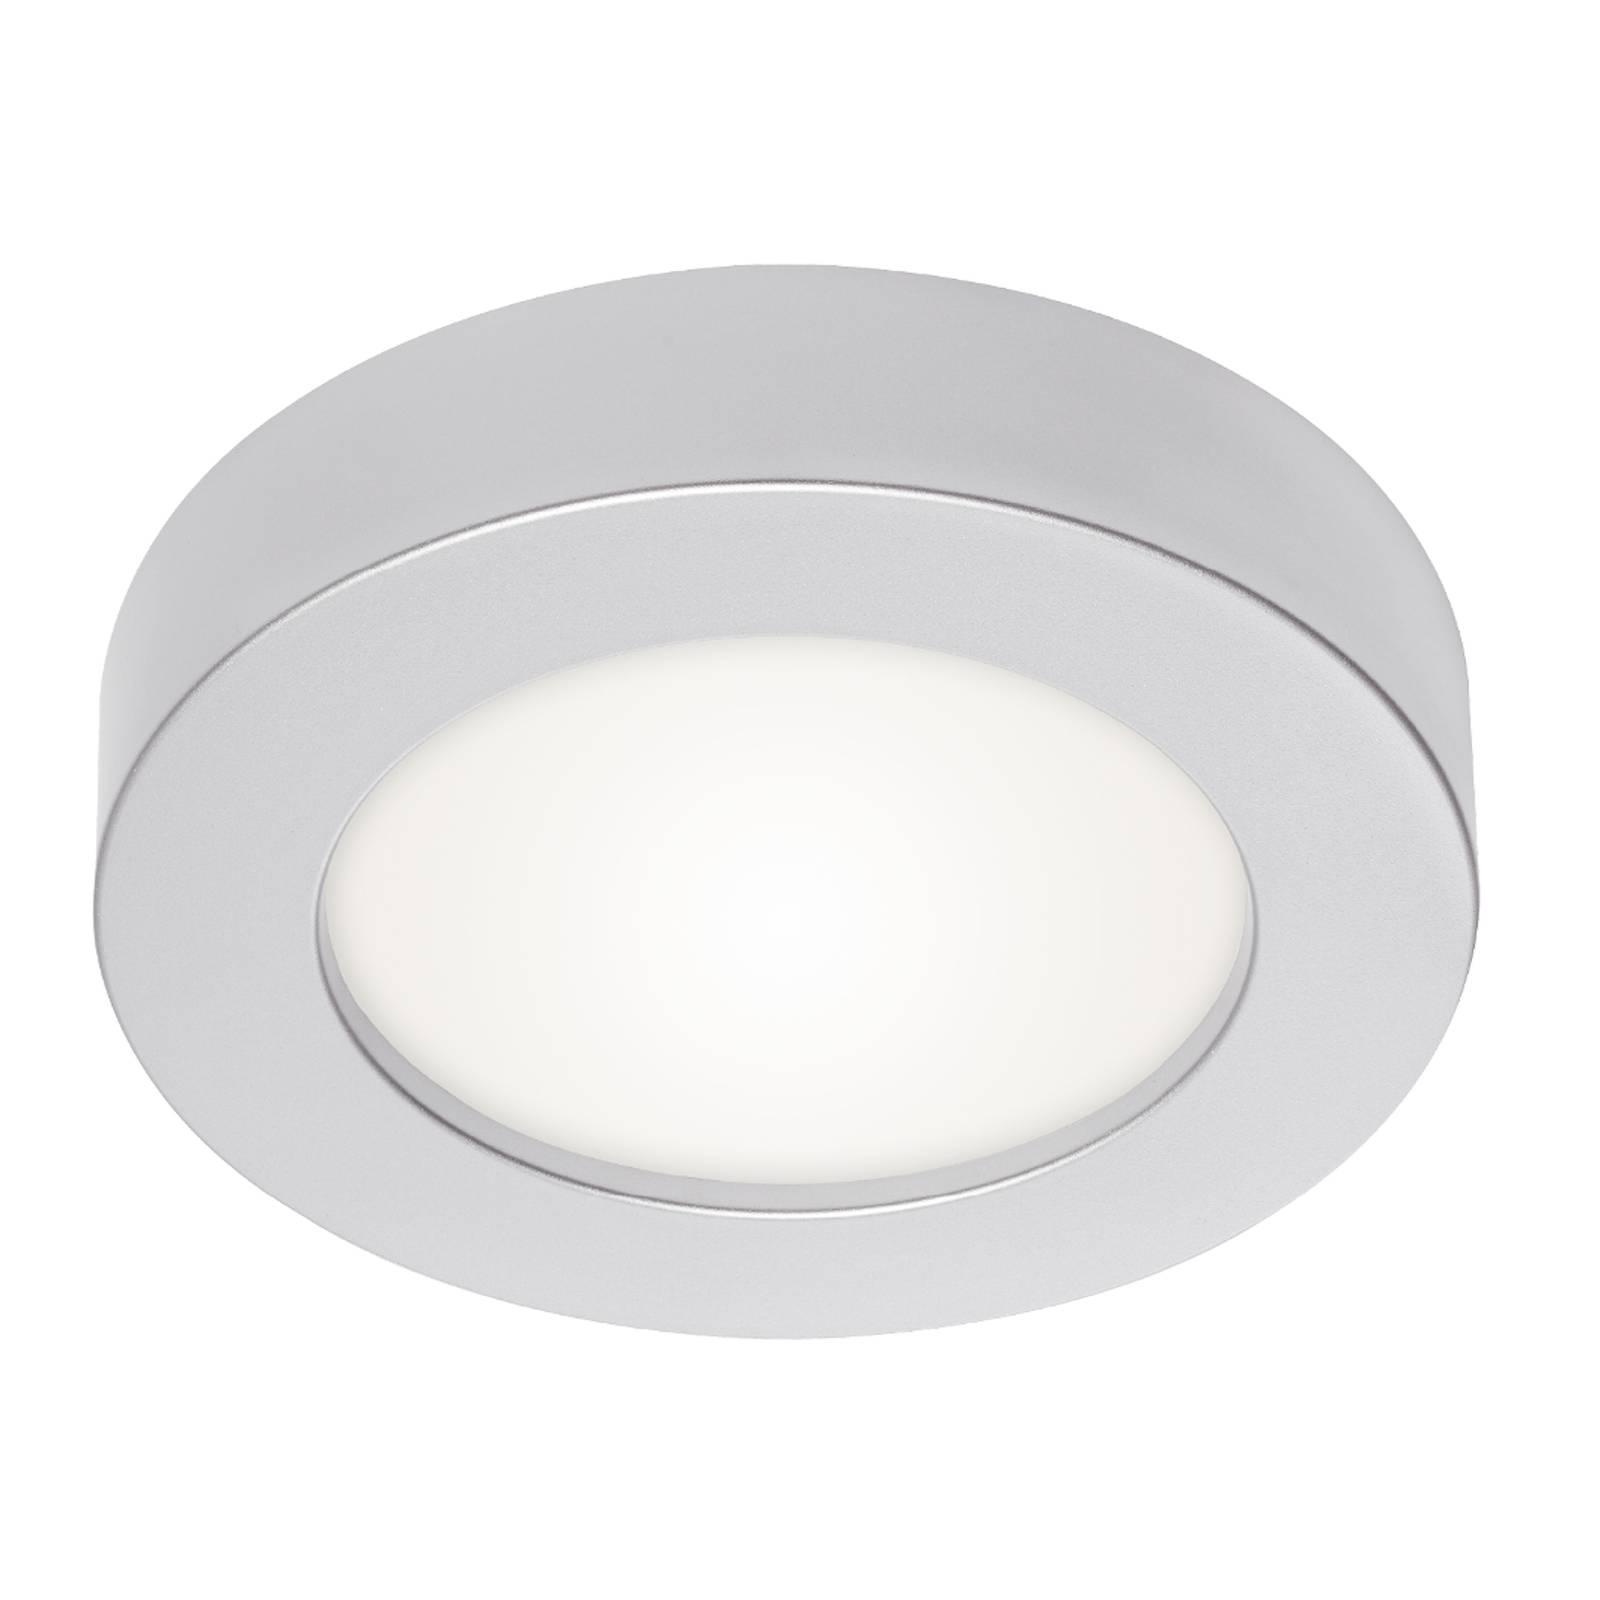 Prios Edwina -LED-kattovalaisin, hopea, 12,2 cm